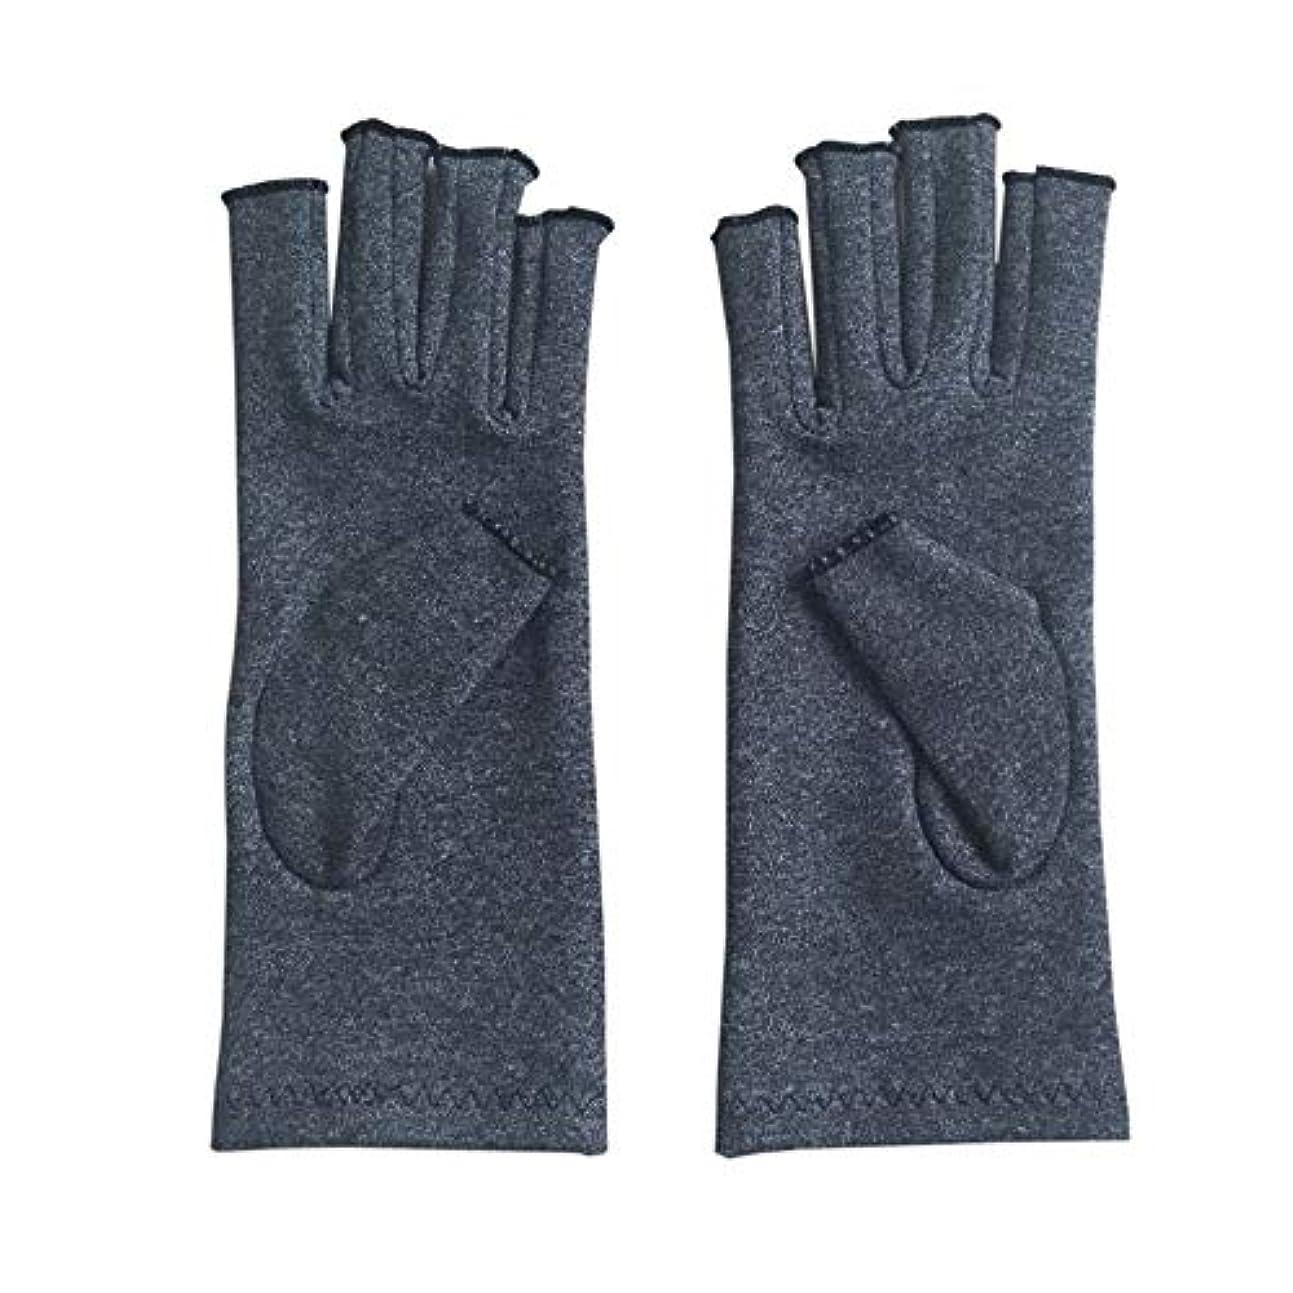 件名ゲートウェイおもてなしAペア/セットの快適な男性の女性療法の圧縮手袋ソリッドカラーの通気性関節炎関節痛軽減手袋 - グレーL